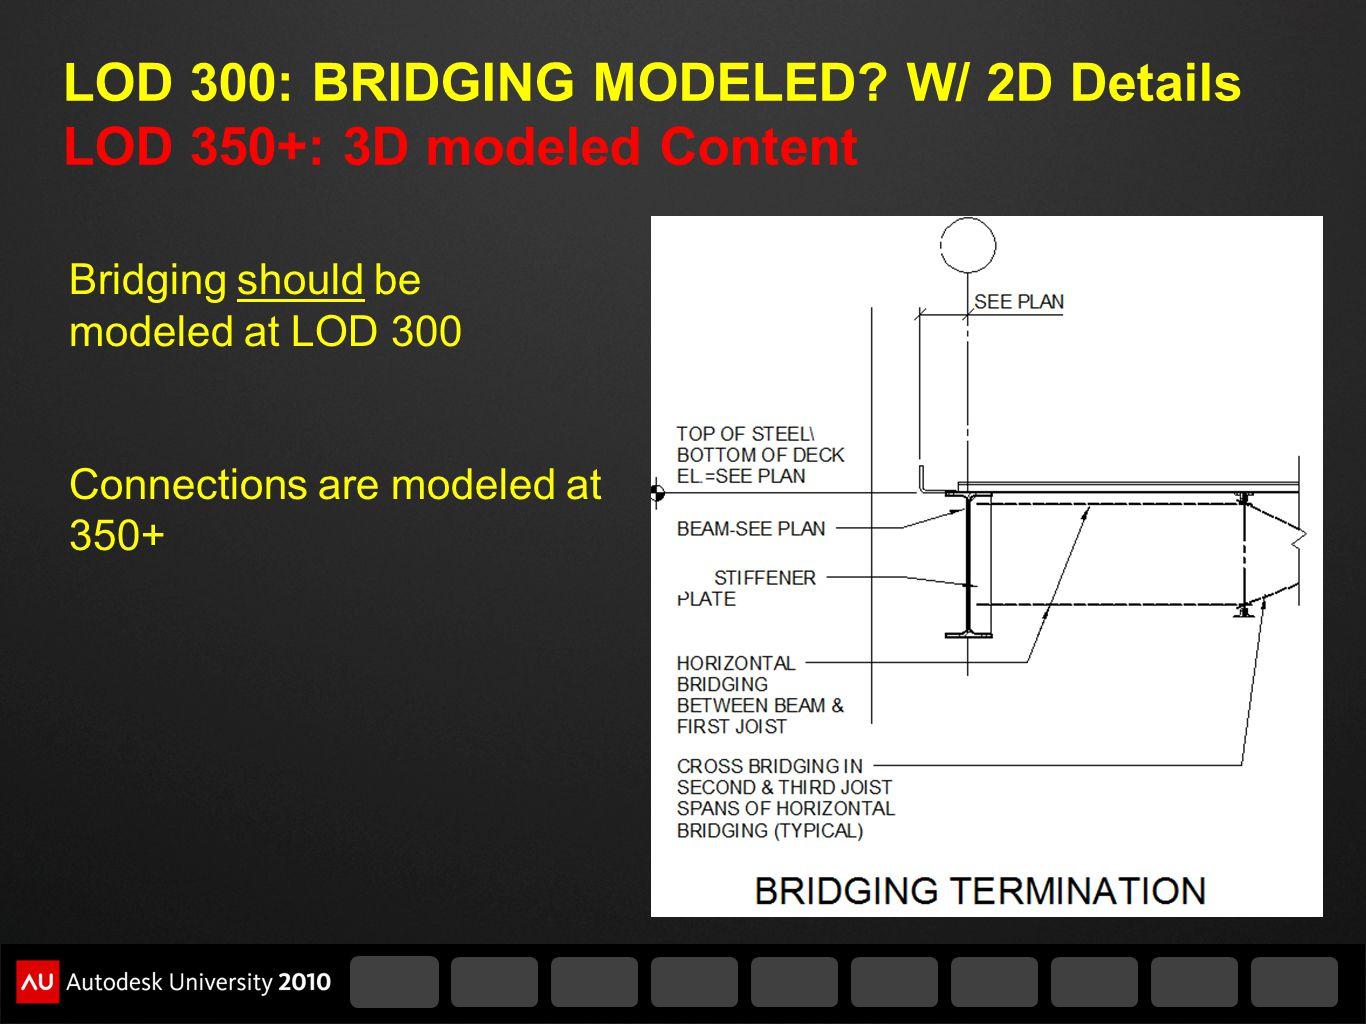 LOD 300: BRIDGING MODELED W/ 2D Details LOD 350+: 3D modeled Content